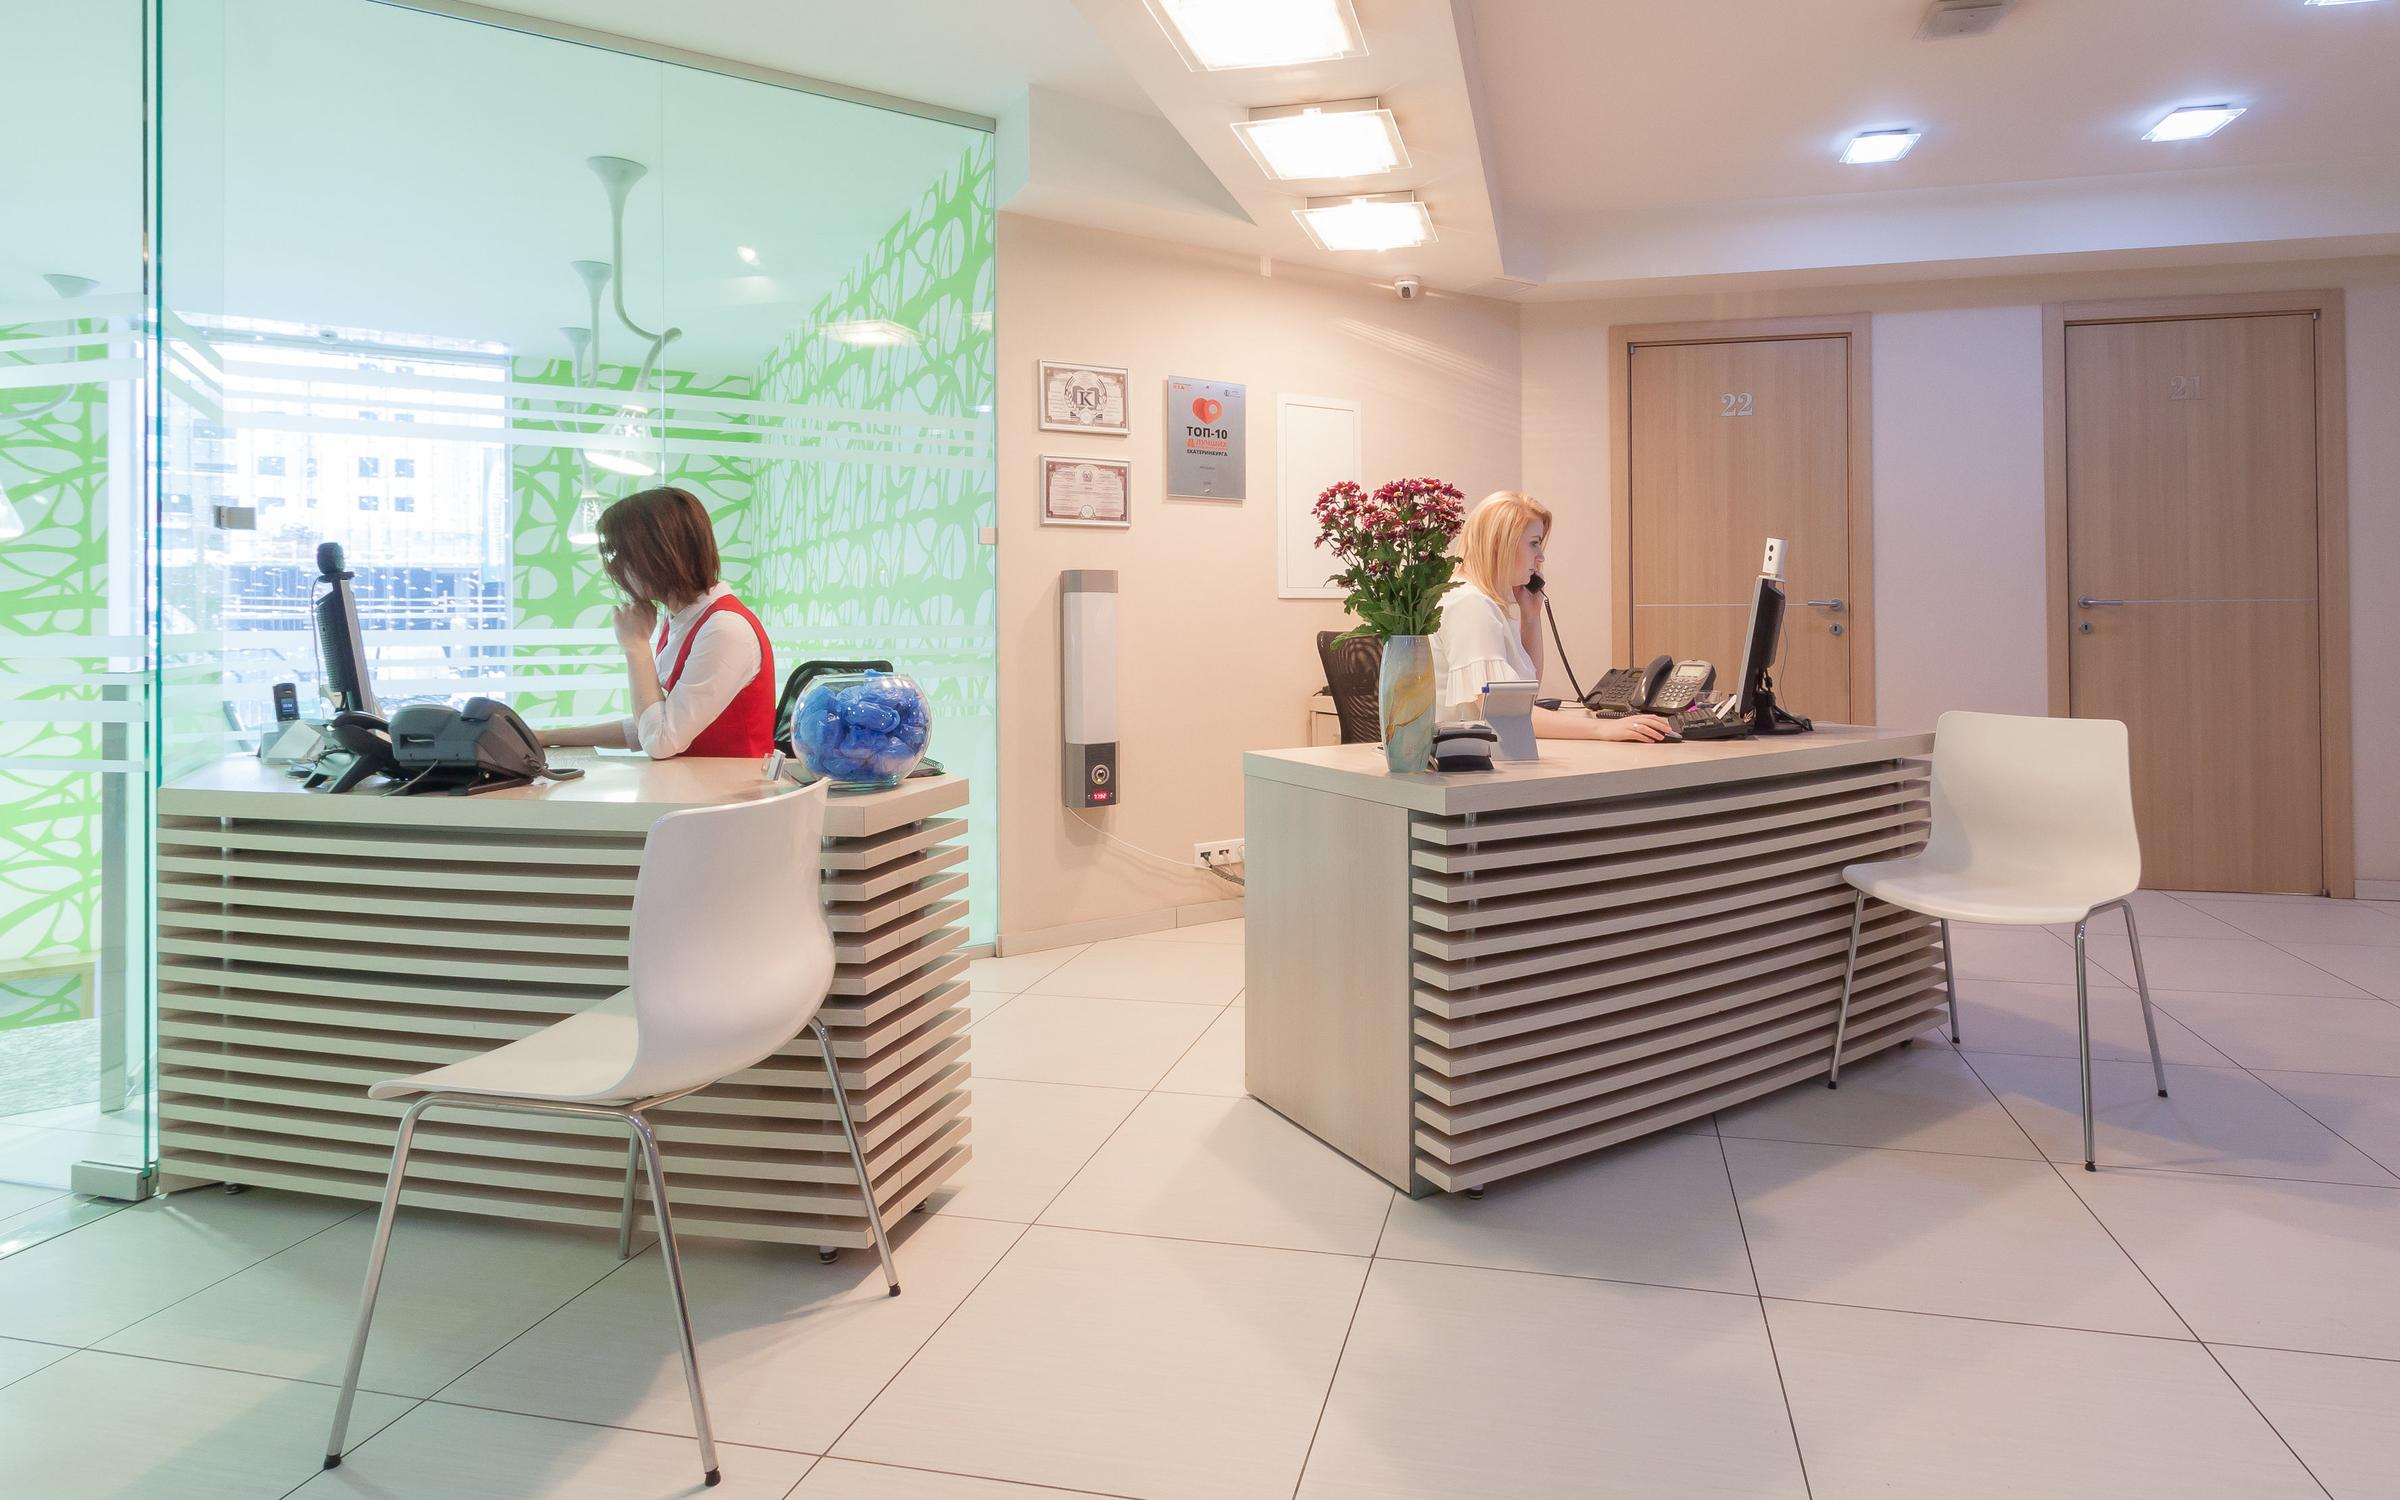 фотография Многопрофильного медицинского центра Медика на улице Радищева